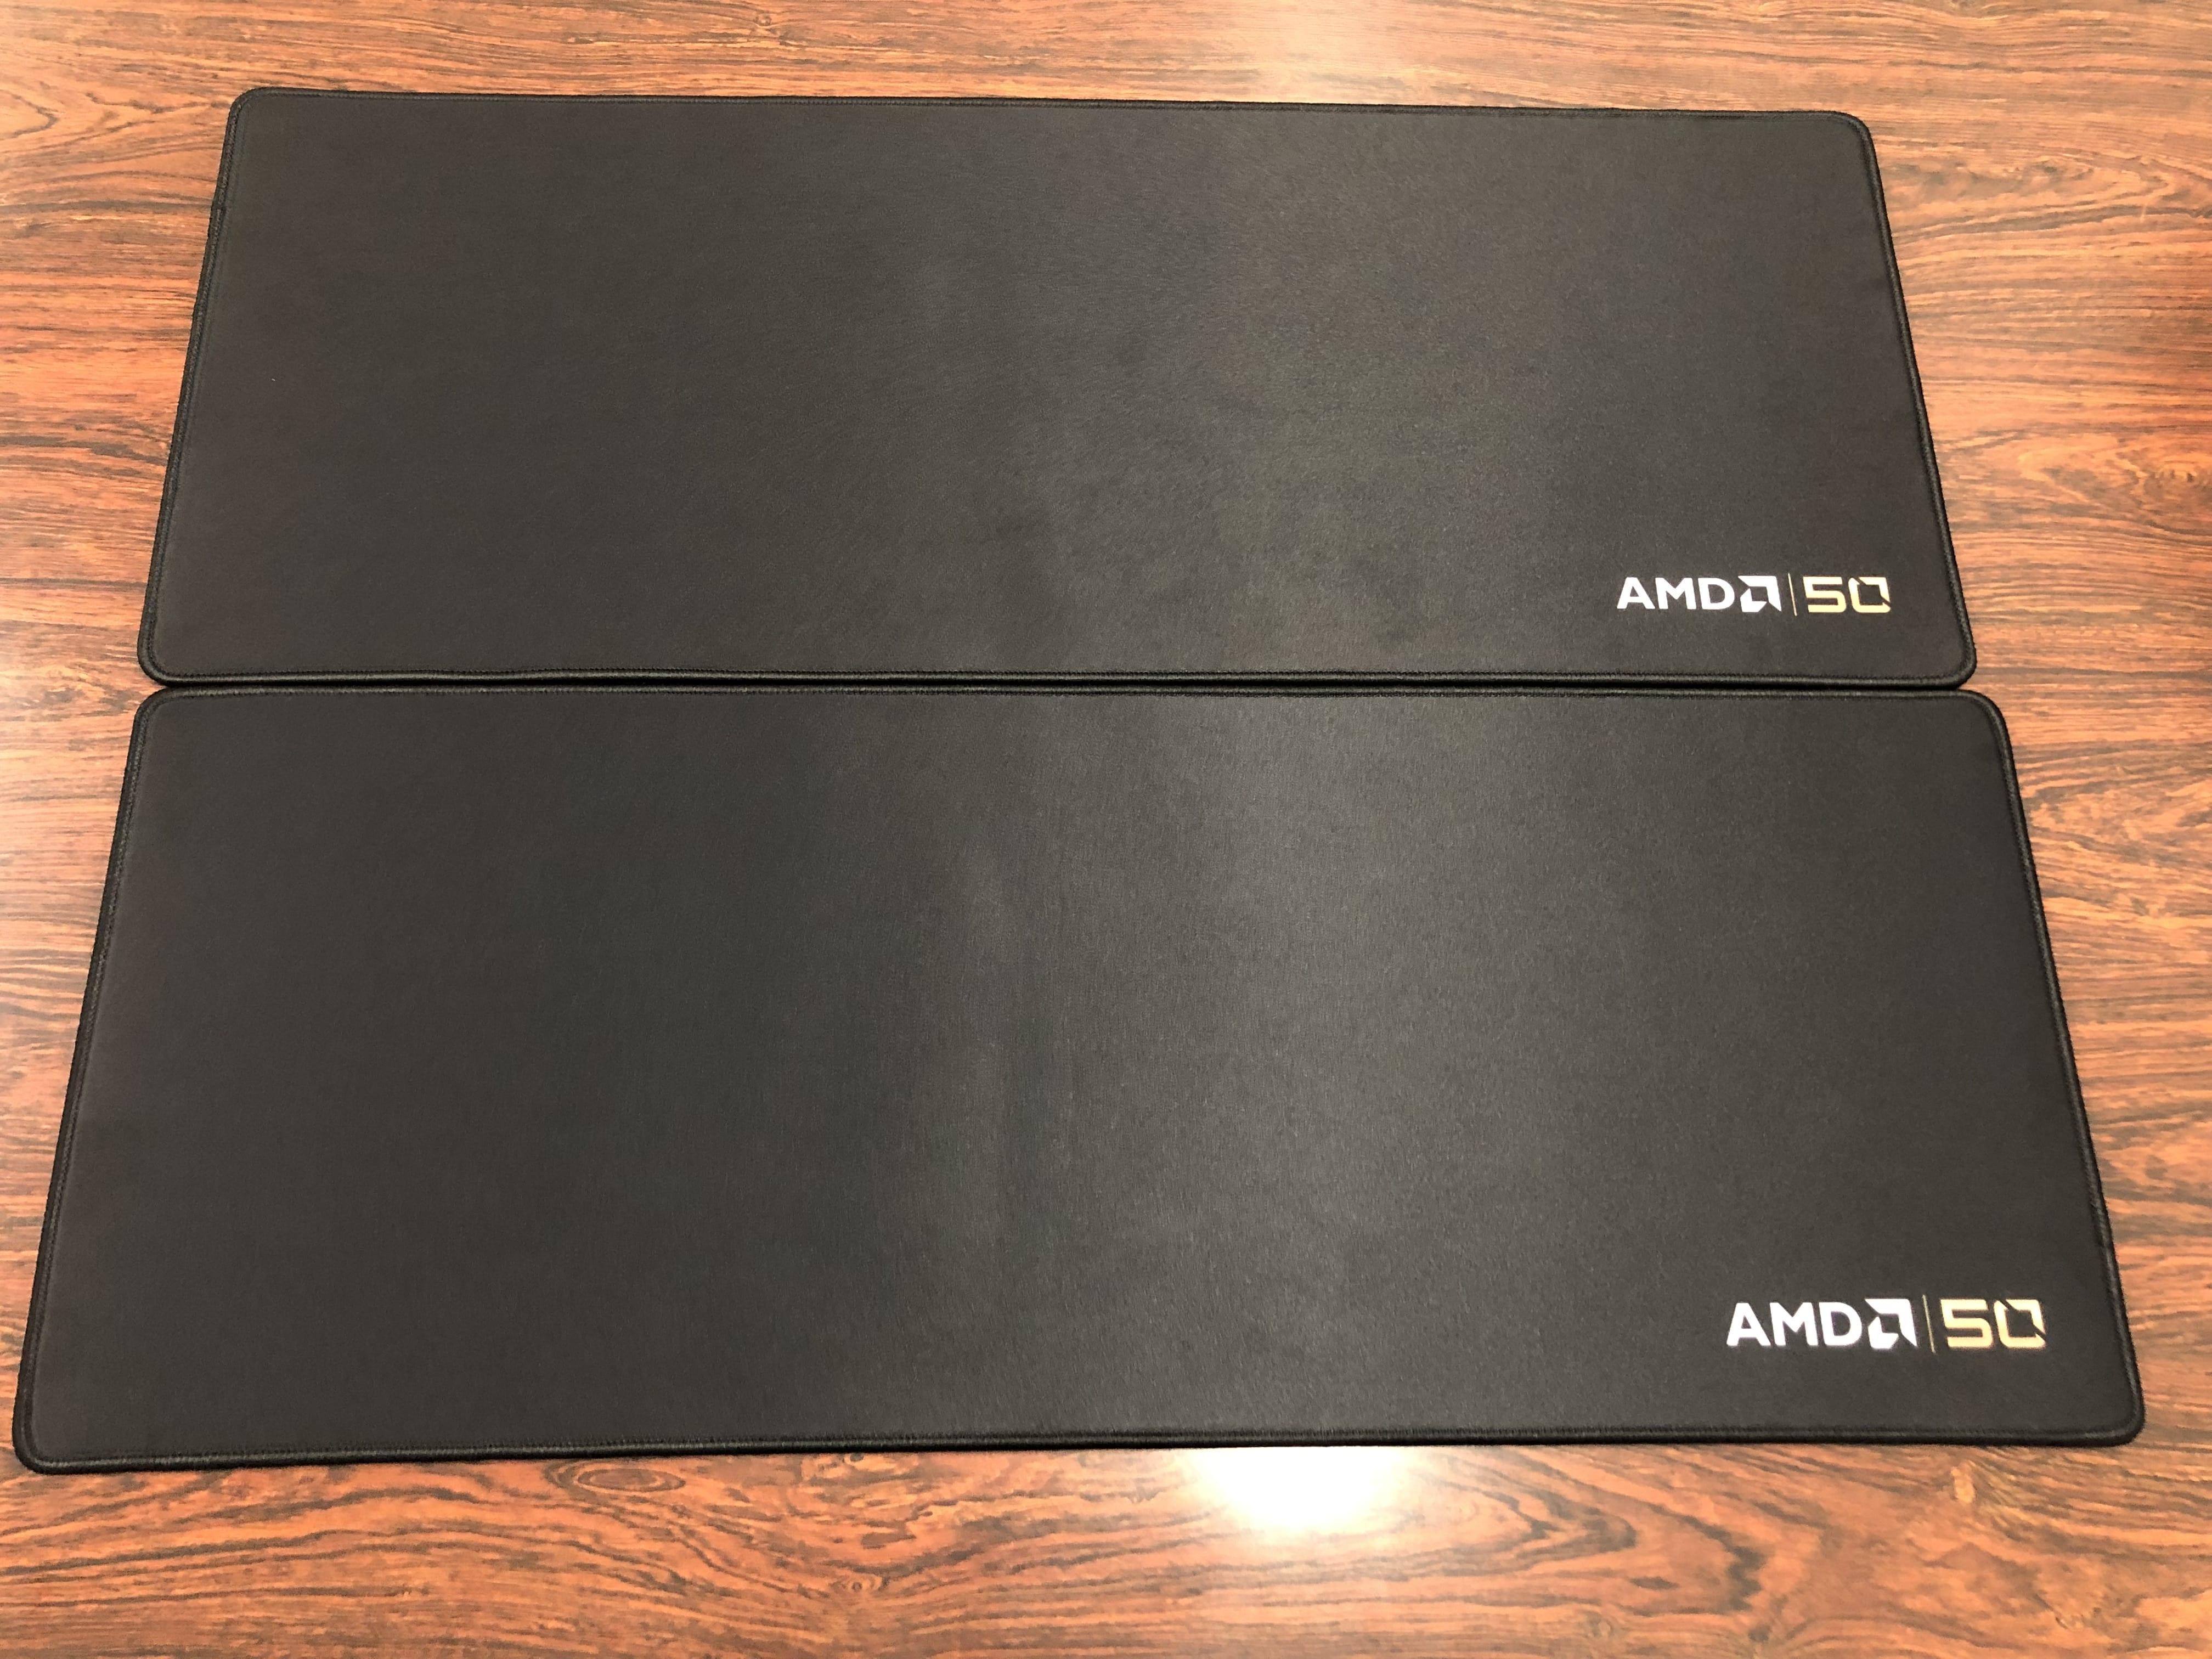 AMD 50と刻印された大判マウスパッド